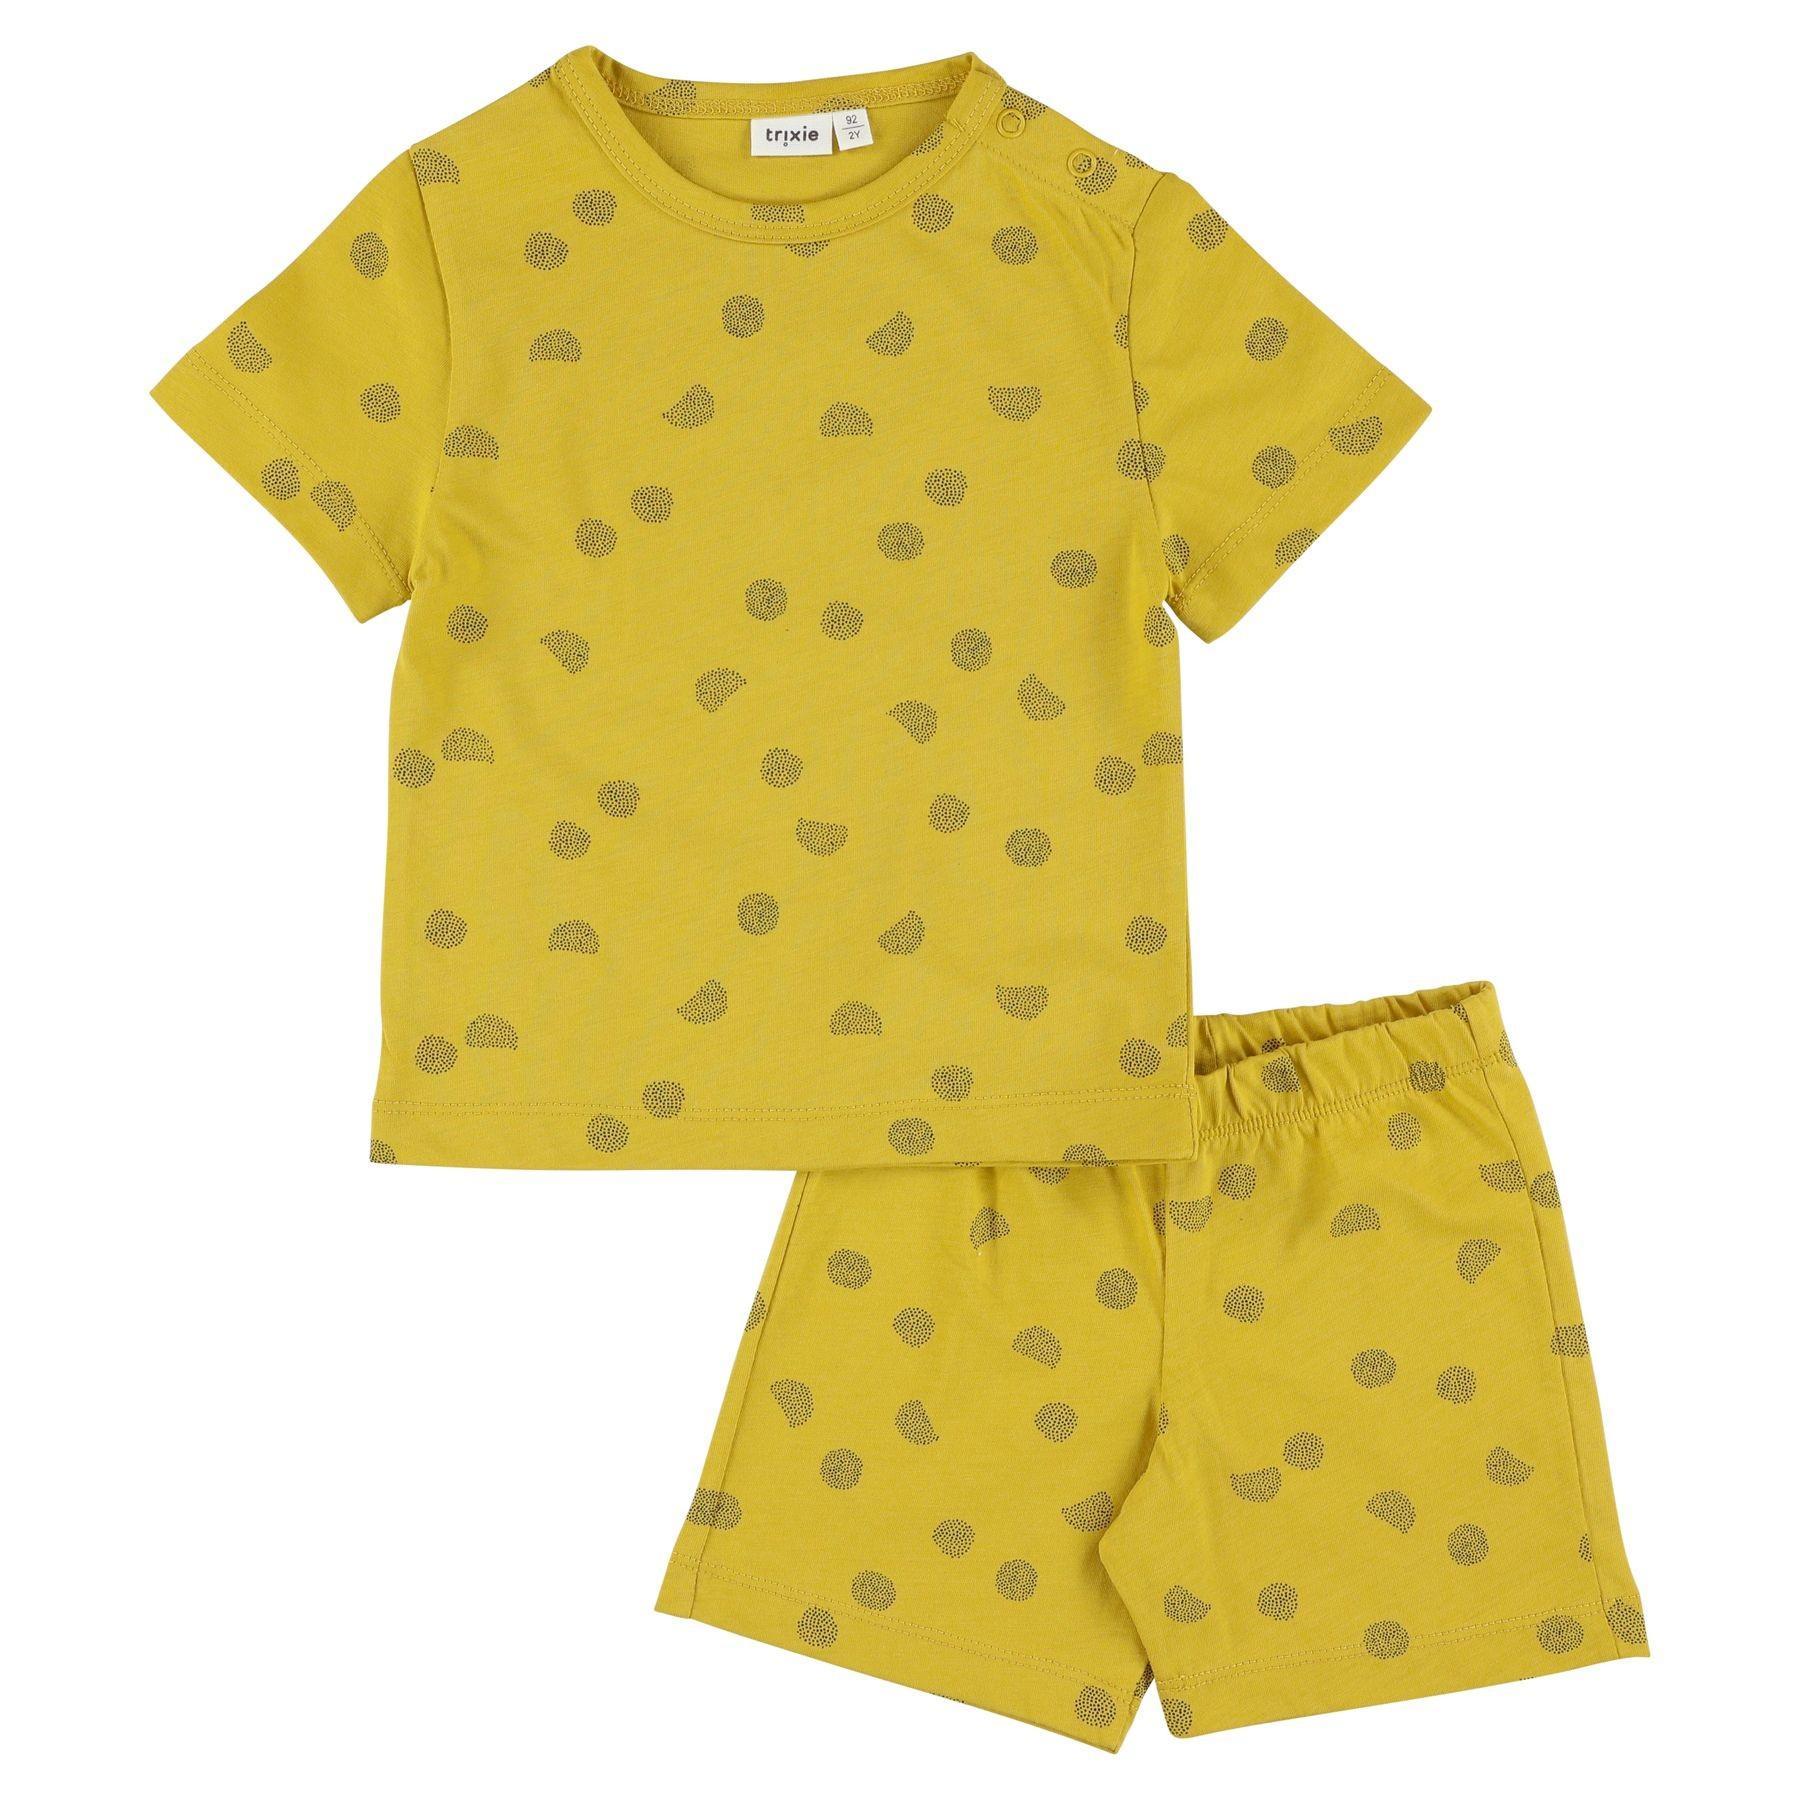 Trixie - 2-delige pyjama kort - Sunny Spots - 4Y